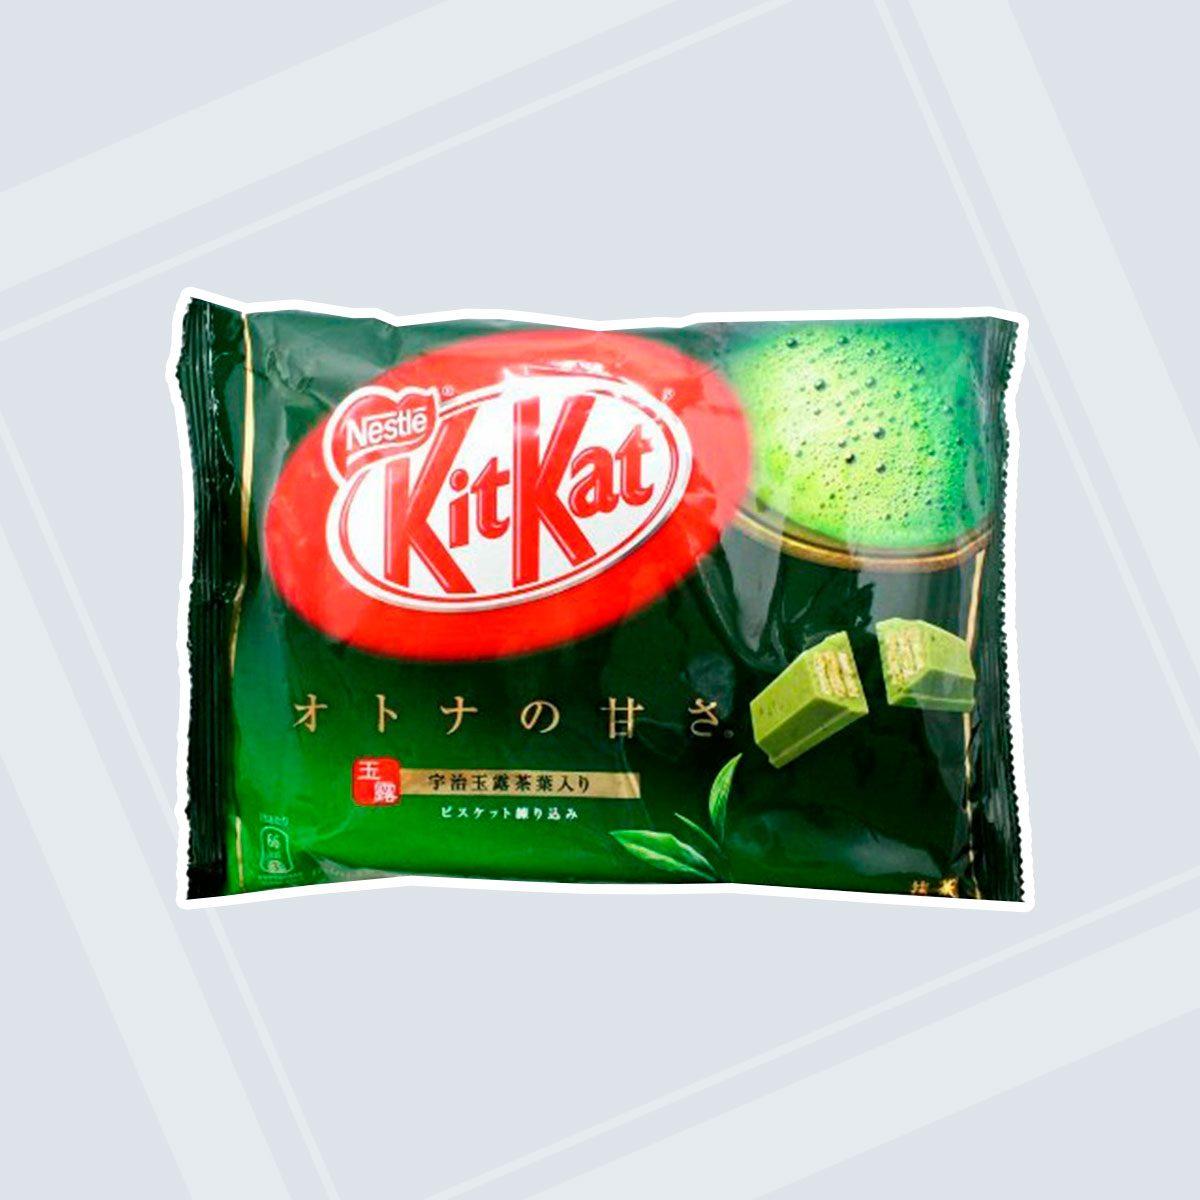 Green tea flavored KitKats